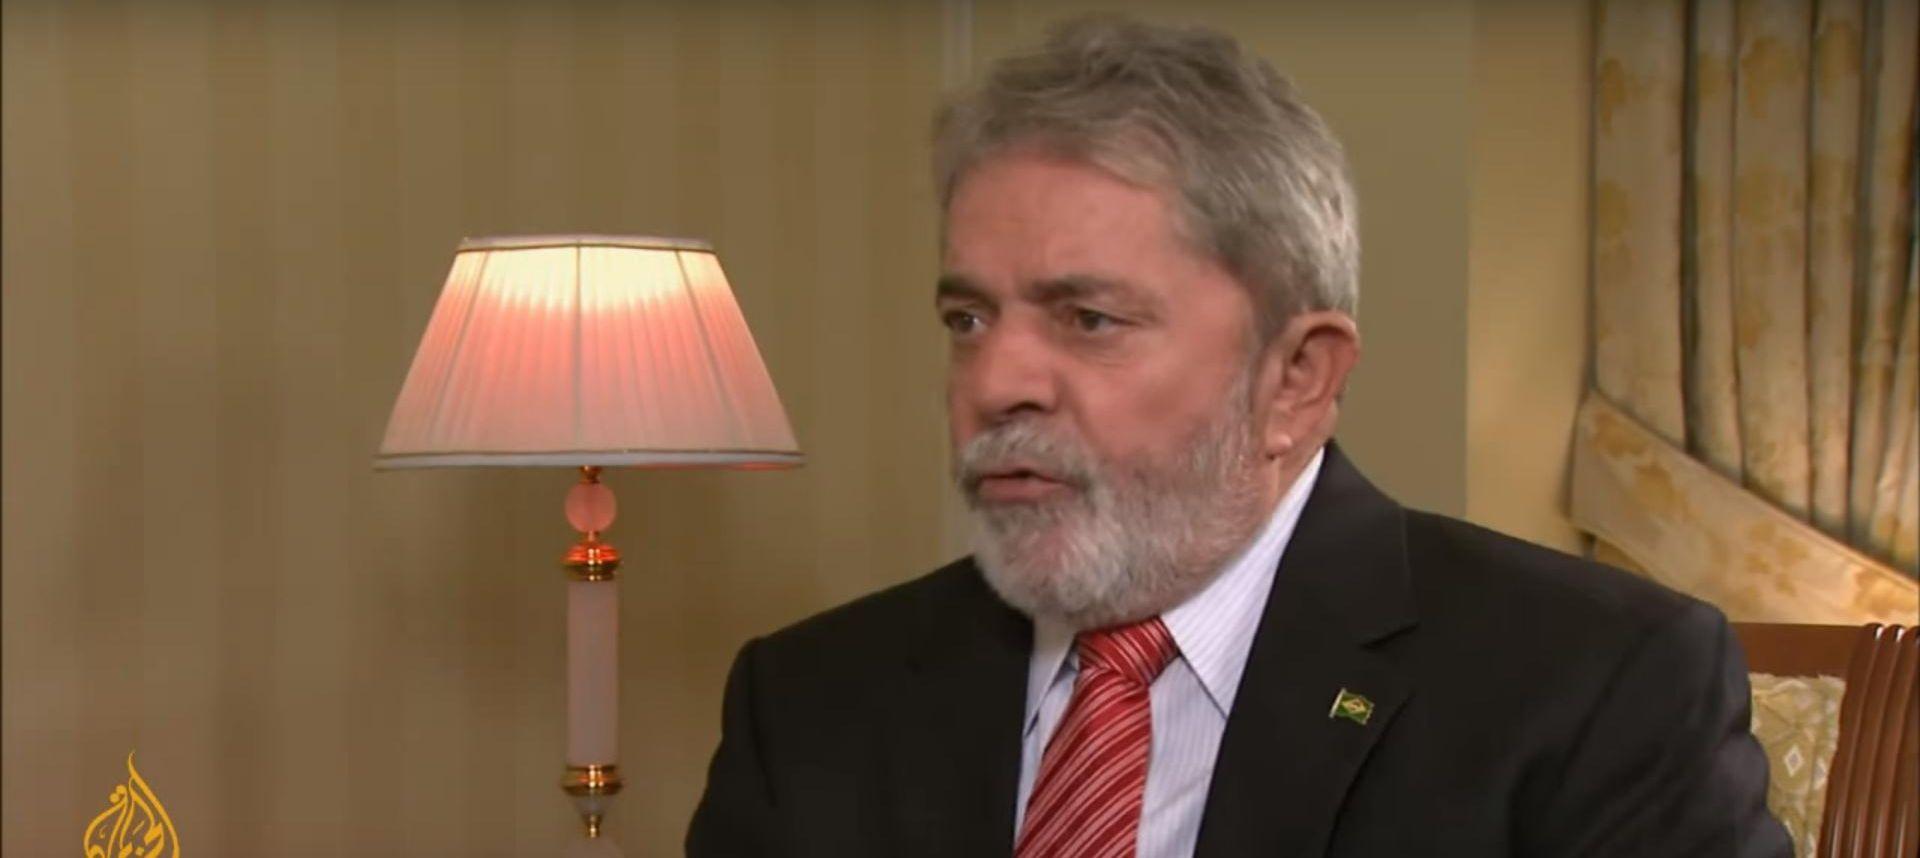 OPERACIJA 'CAR WASH' Brazilska policija pretražila kuću bivšeg predsjednika